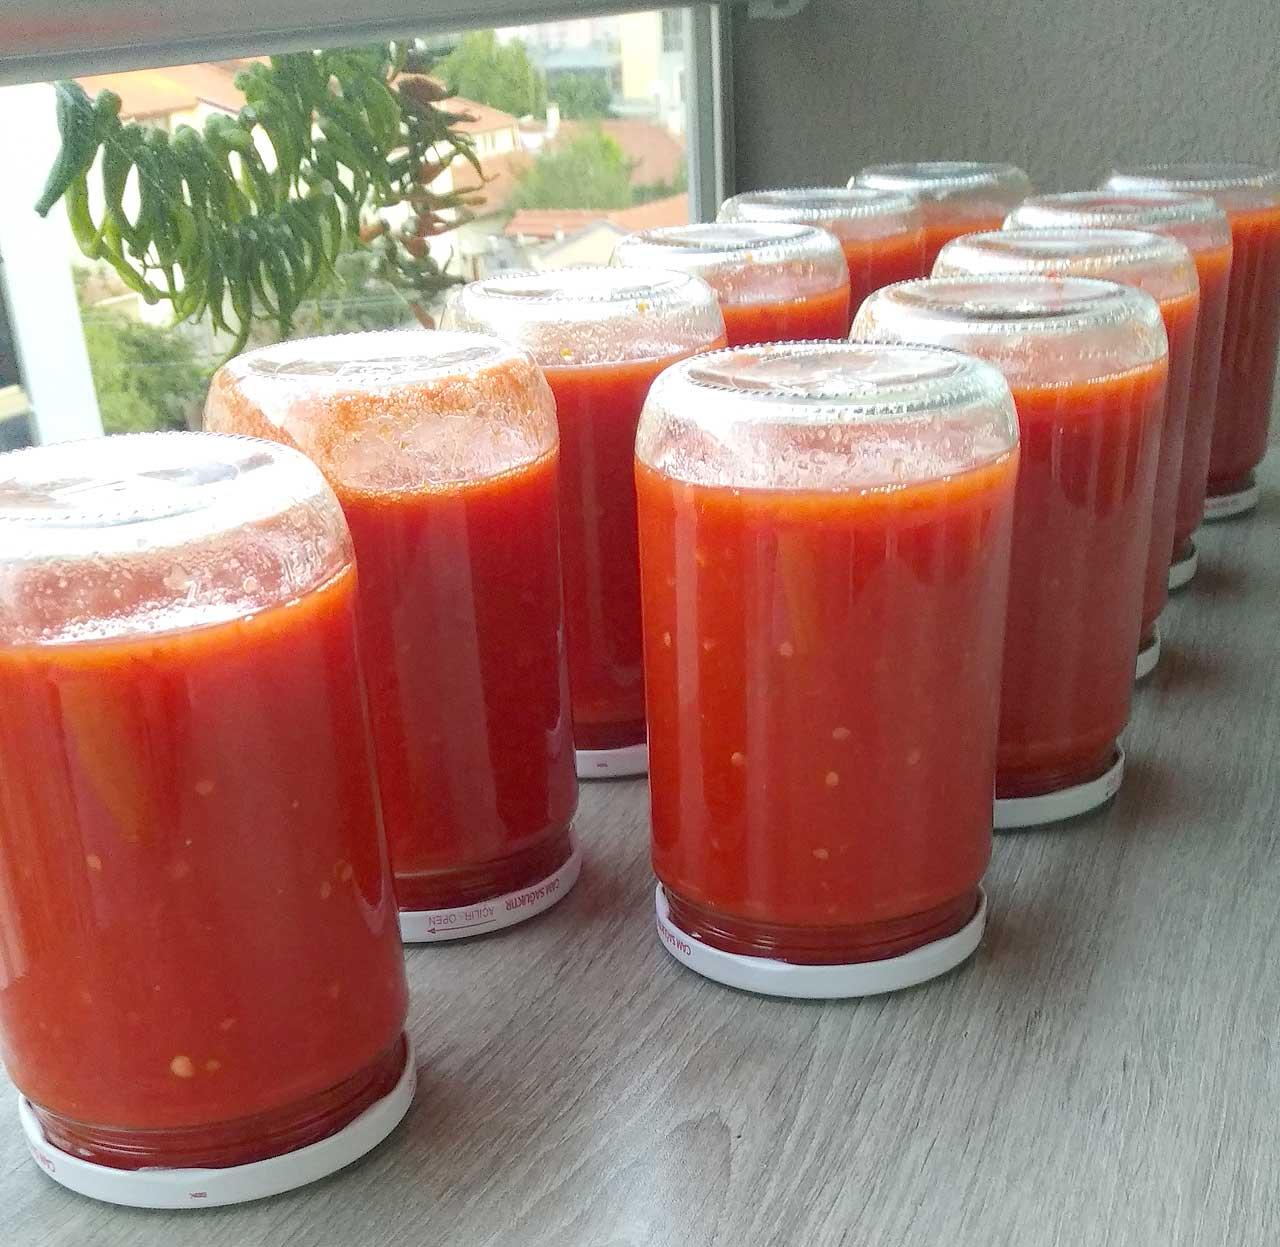 kislik-Domates-Konservesi-Nasil-yapilir-kac-kalori-nefis-kolay-yemeklik-menemenlik-domates-konservesi-tarifi-yapimi-1001yemektarifi-2